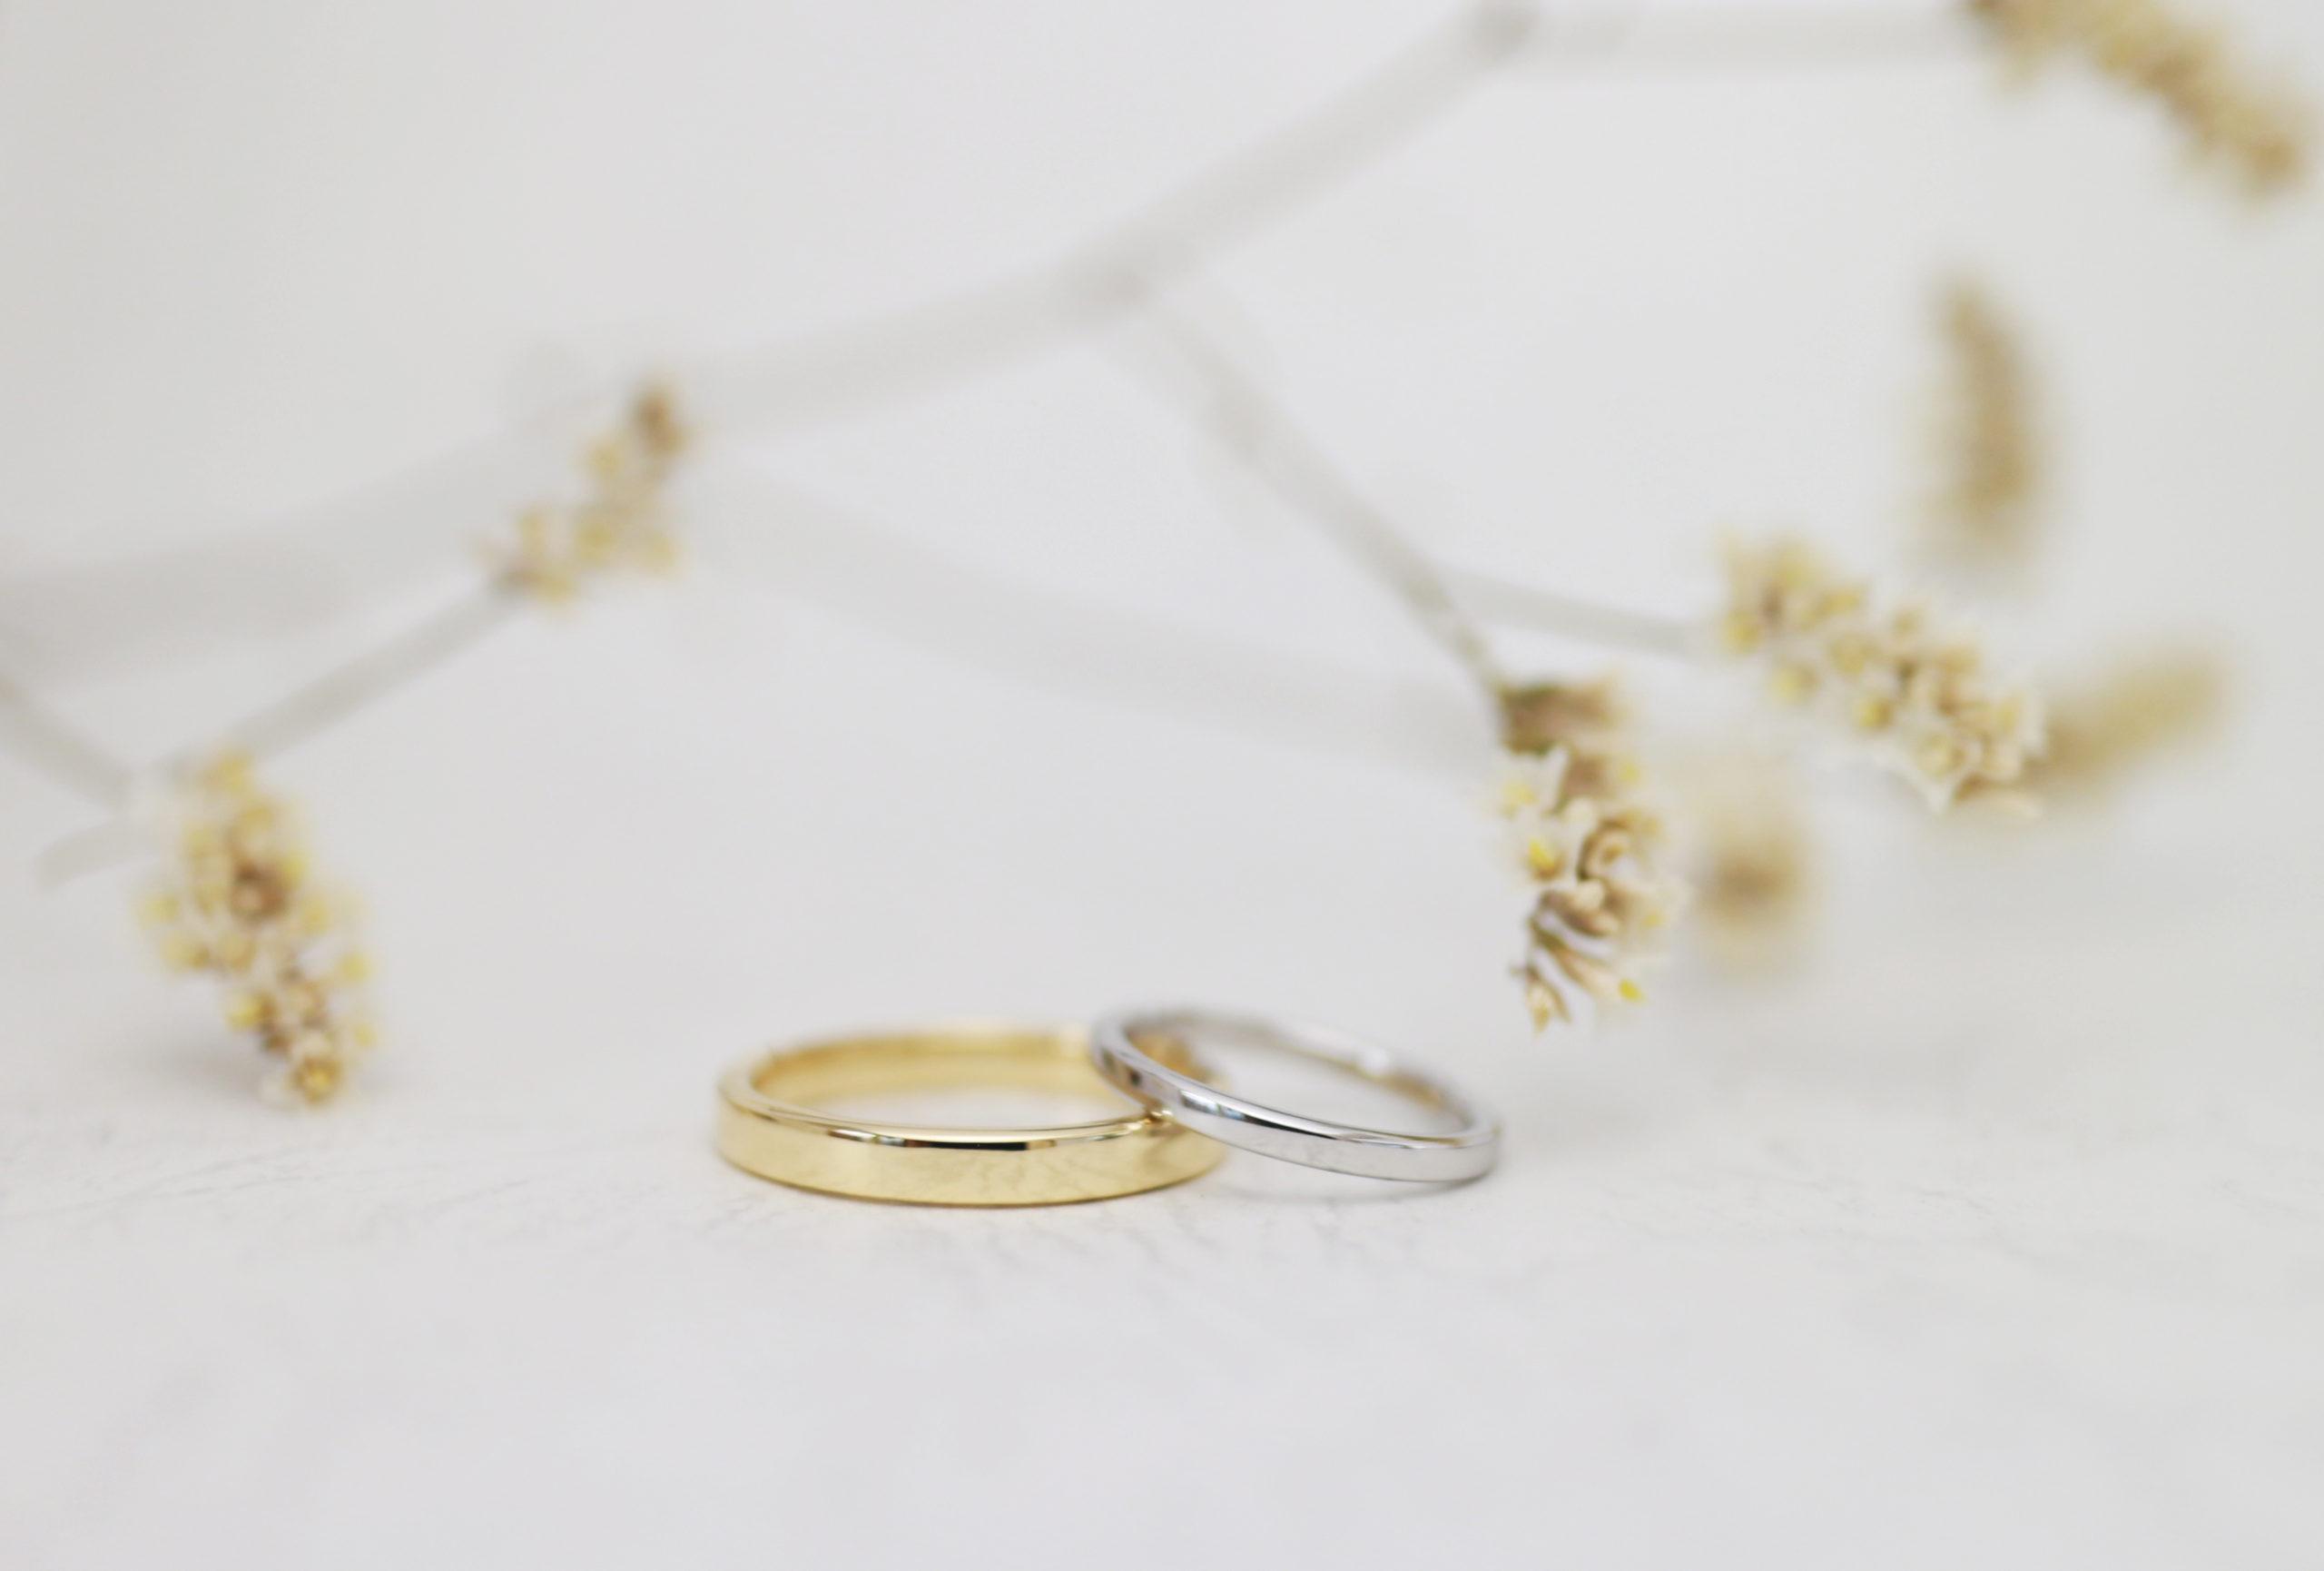 プラチナとゴールドのシンプルな手作り結婚指輪